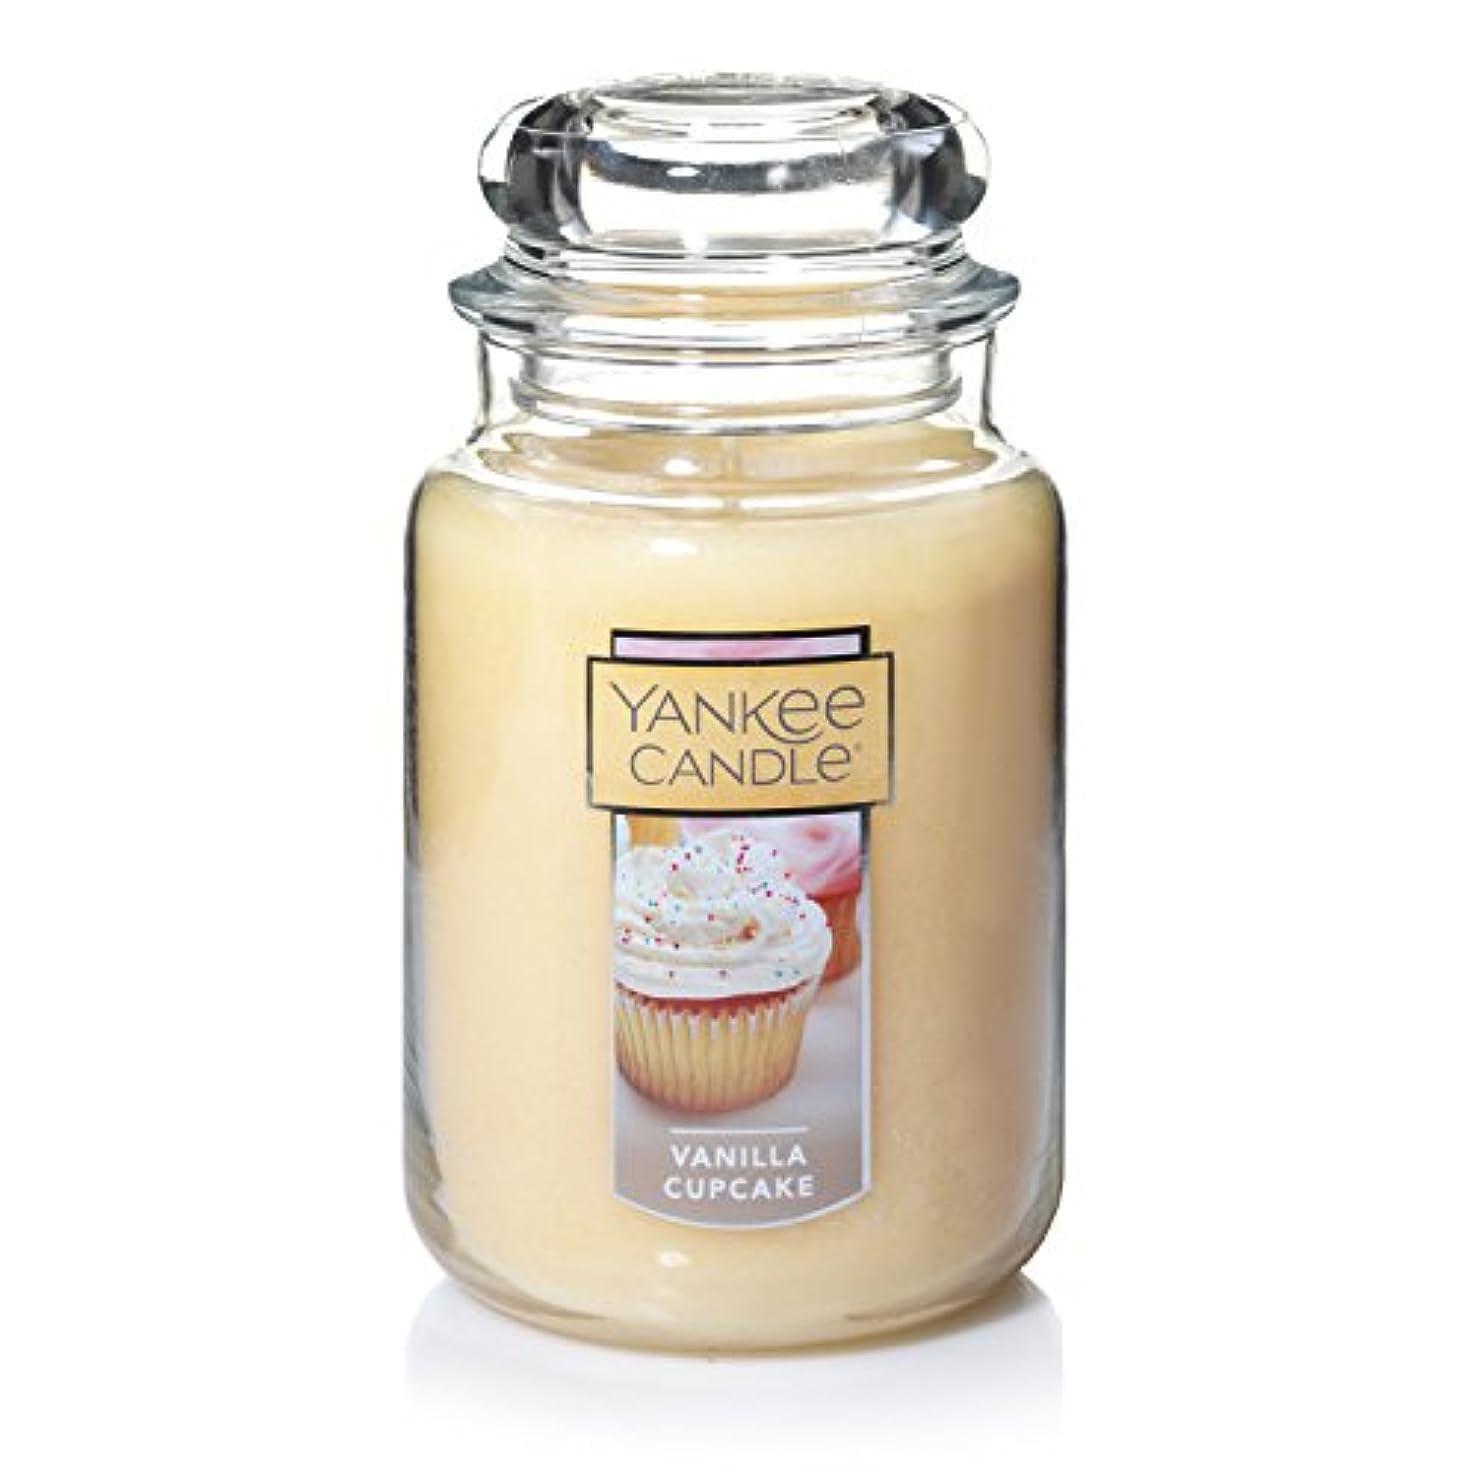 変装したオーロック笑Yankee Candle Company Vanilla Cupcake Large Jar Candle by Yankee Candle